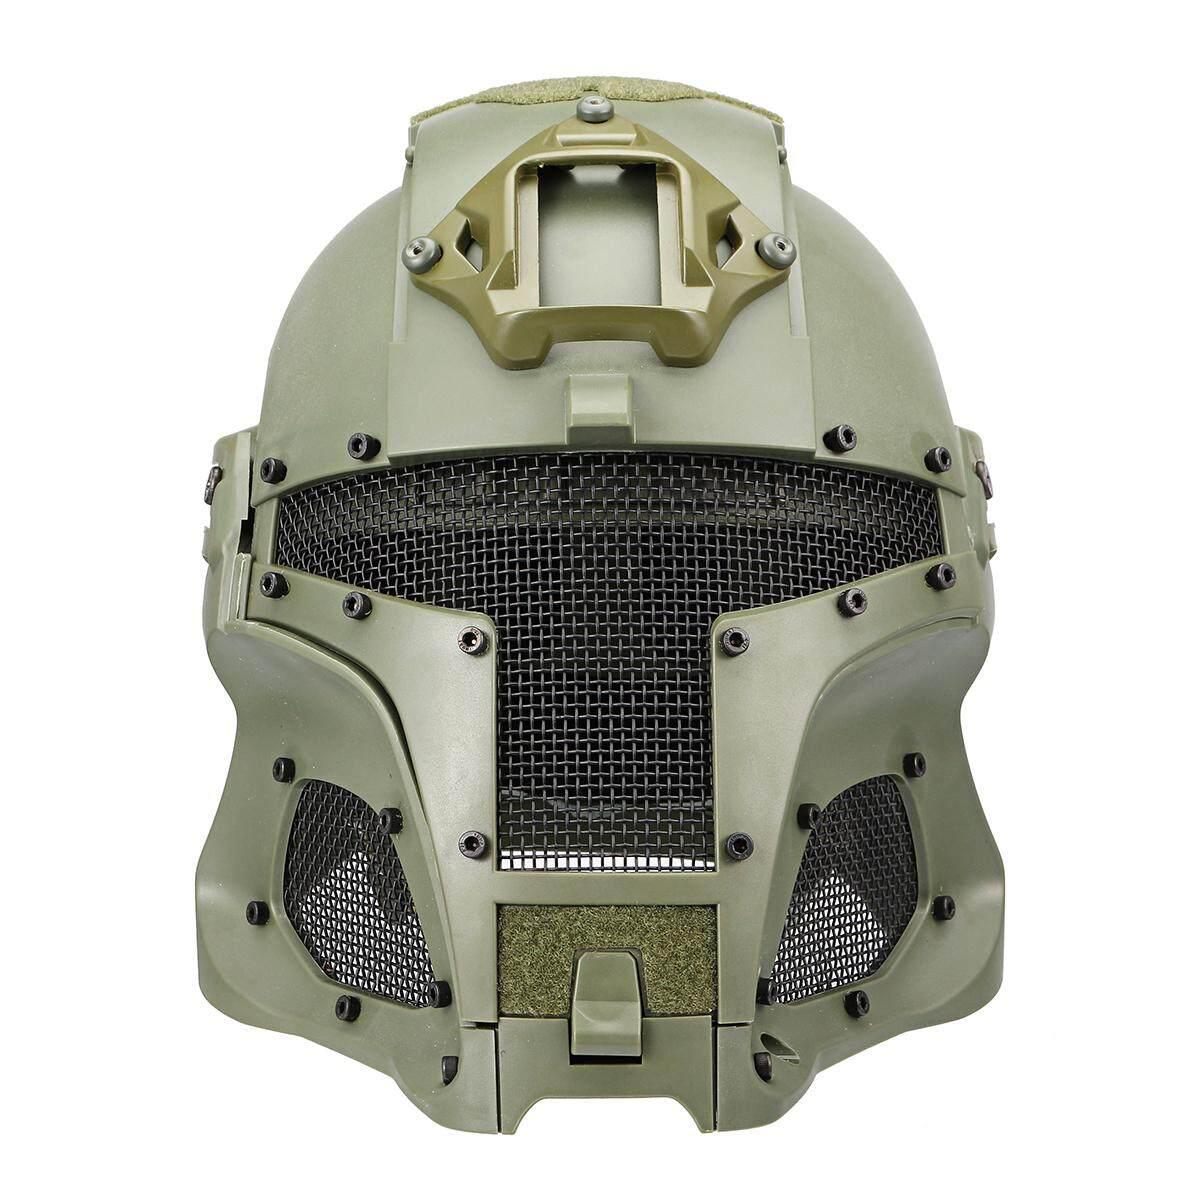 WST Mũ Bảo Hiểm Khẩu trang Chiến Thuật Bảo Vệ Airsoft Bóng Sơn CF Trò Chơi Ngoài Trời